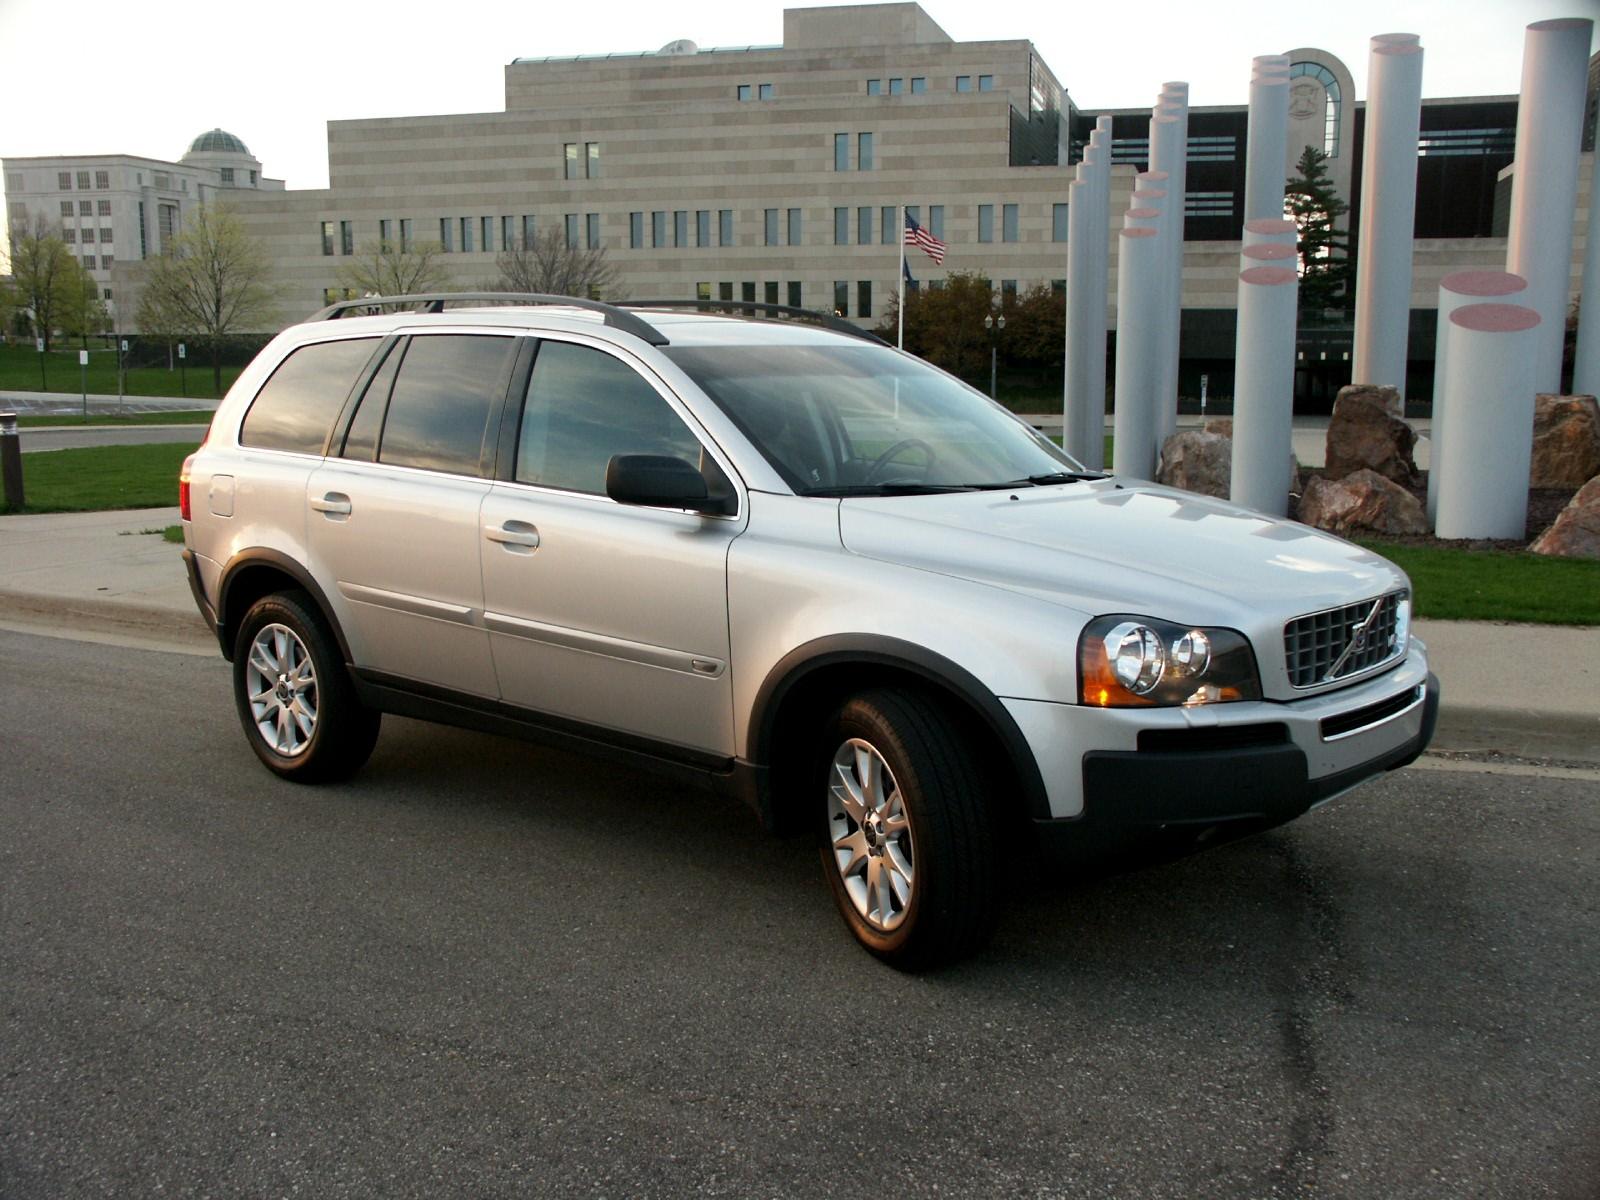 2006 Volvo Xc90 >> 2006 VOLVO XC90 - Image #18